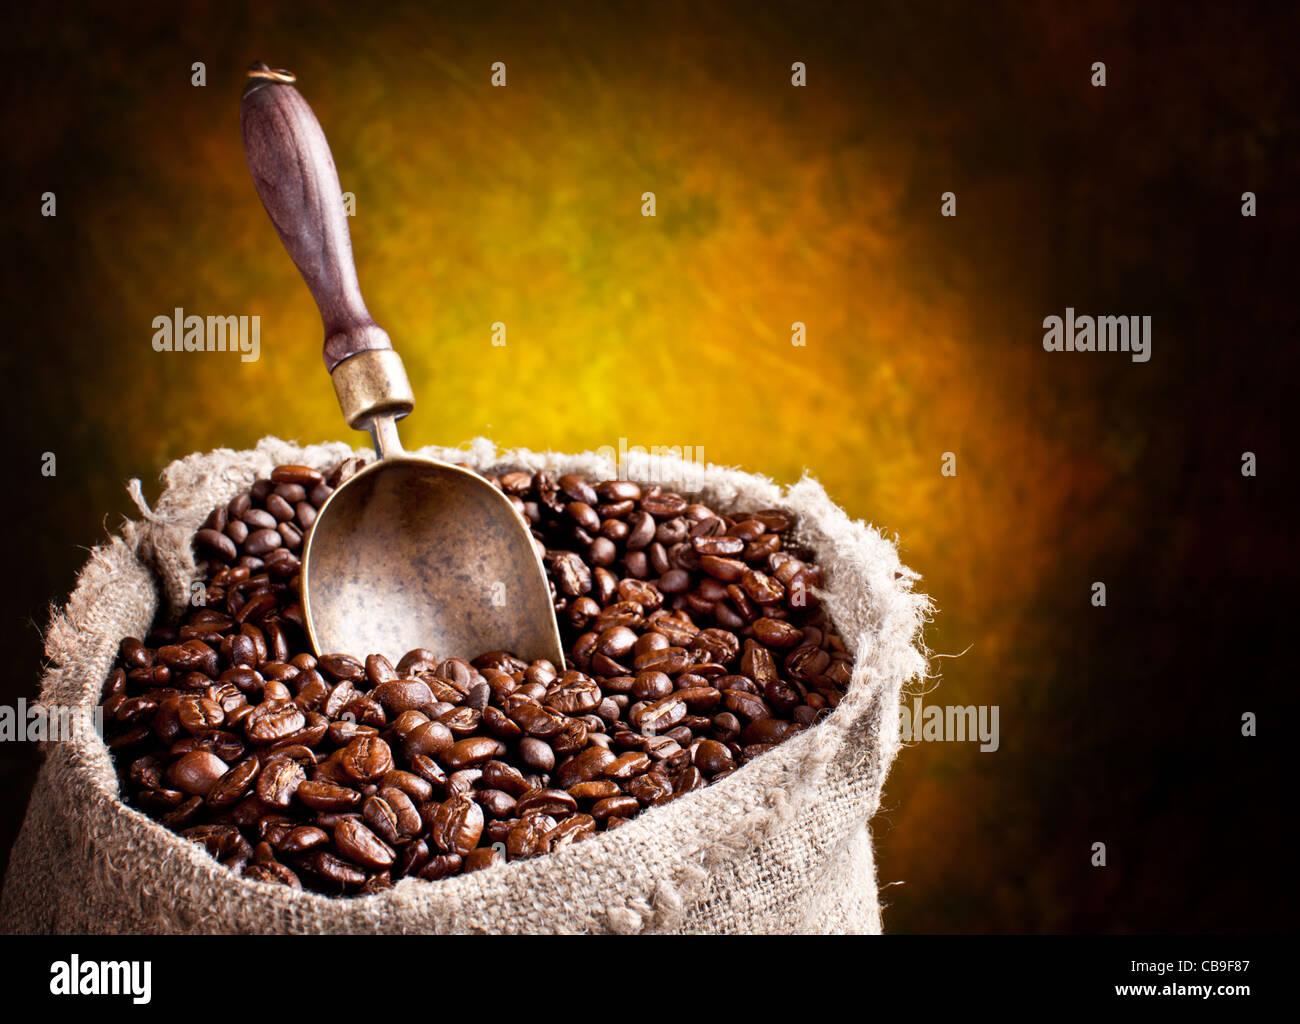 Sacco di chicchi di caffè e scoop. Su uno sfondo scuro. Immagini Stock